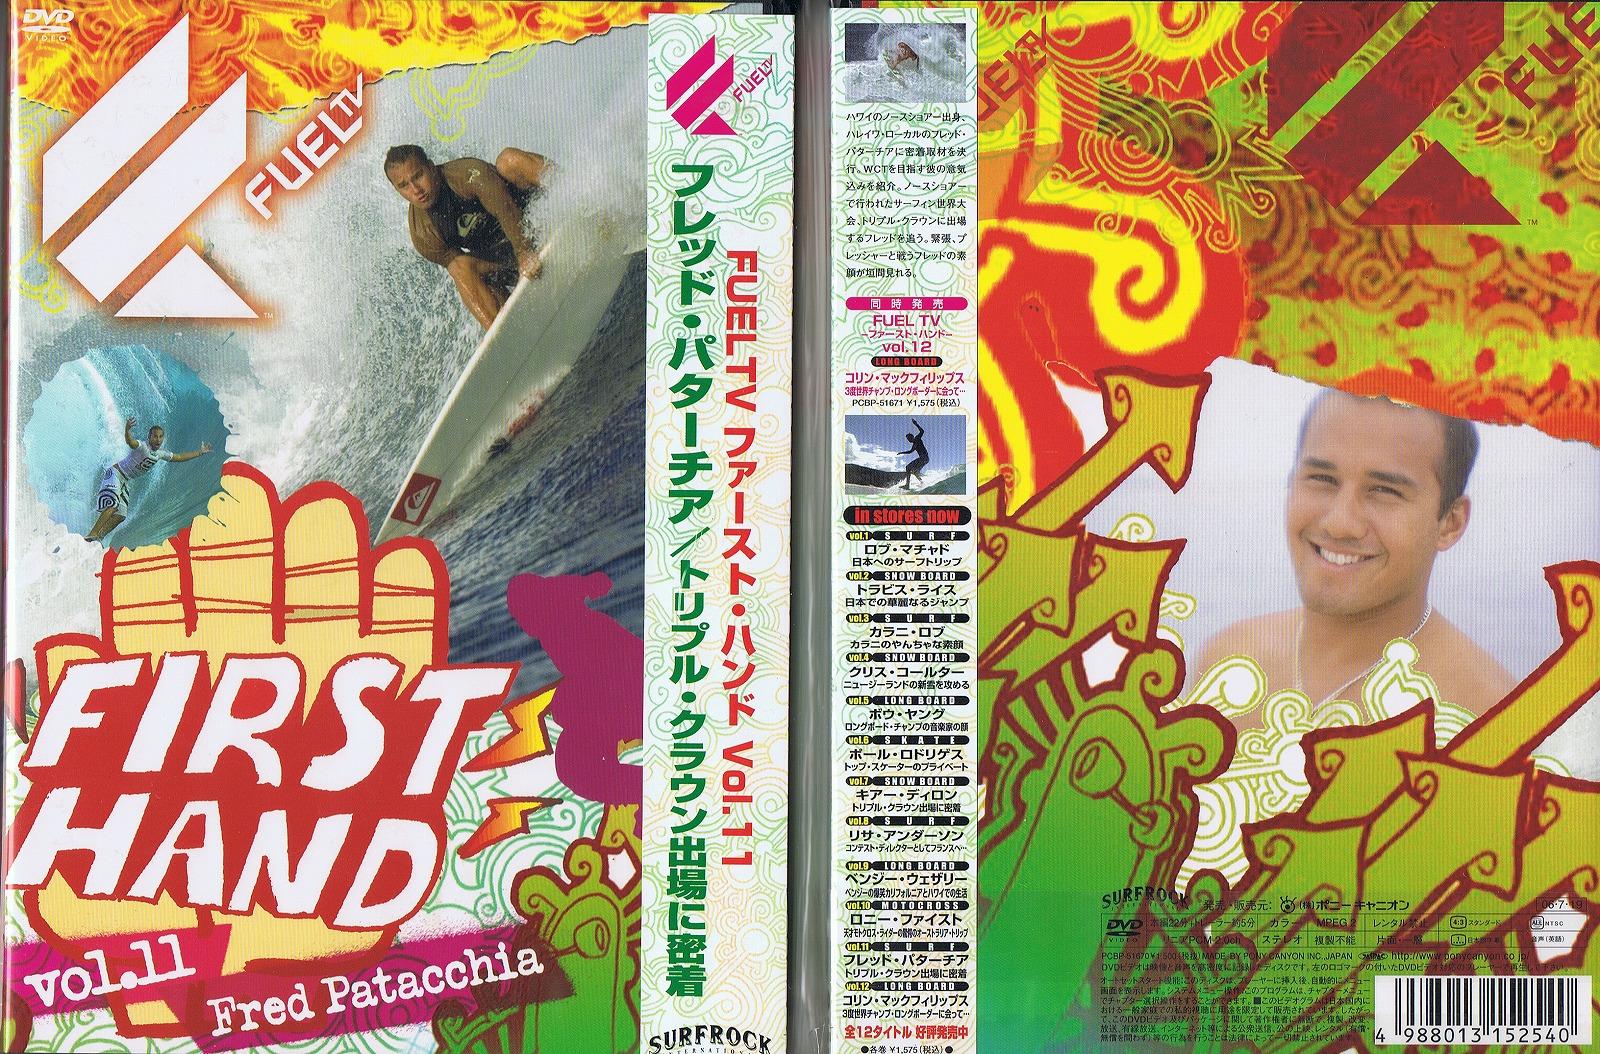 【フレッド・パターチア トリプルクラウン出場に密着】FUEL TV FIRST HANDファーストハンド Vol.11